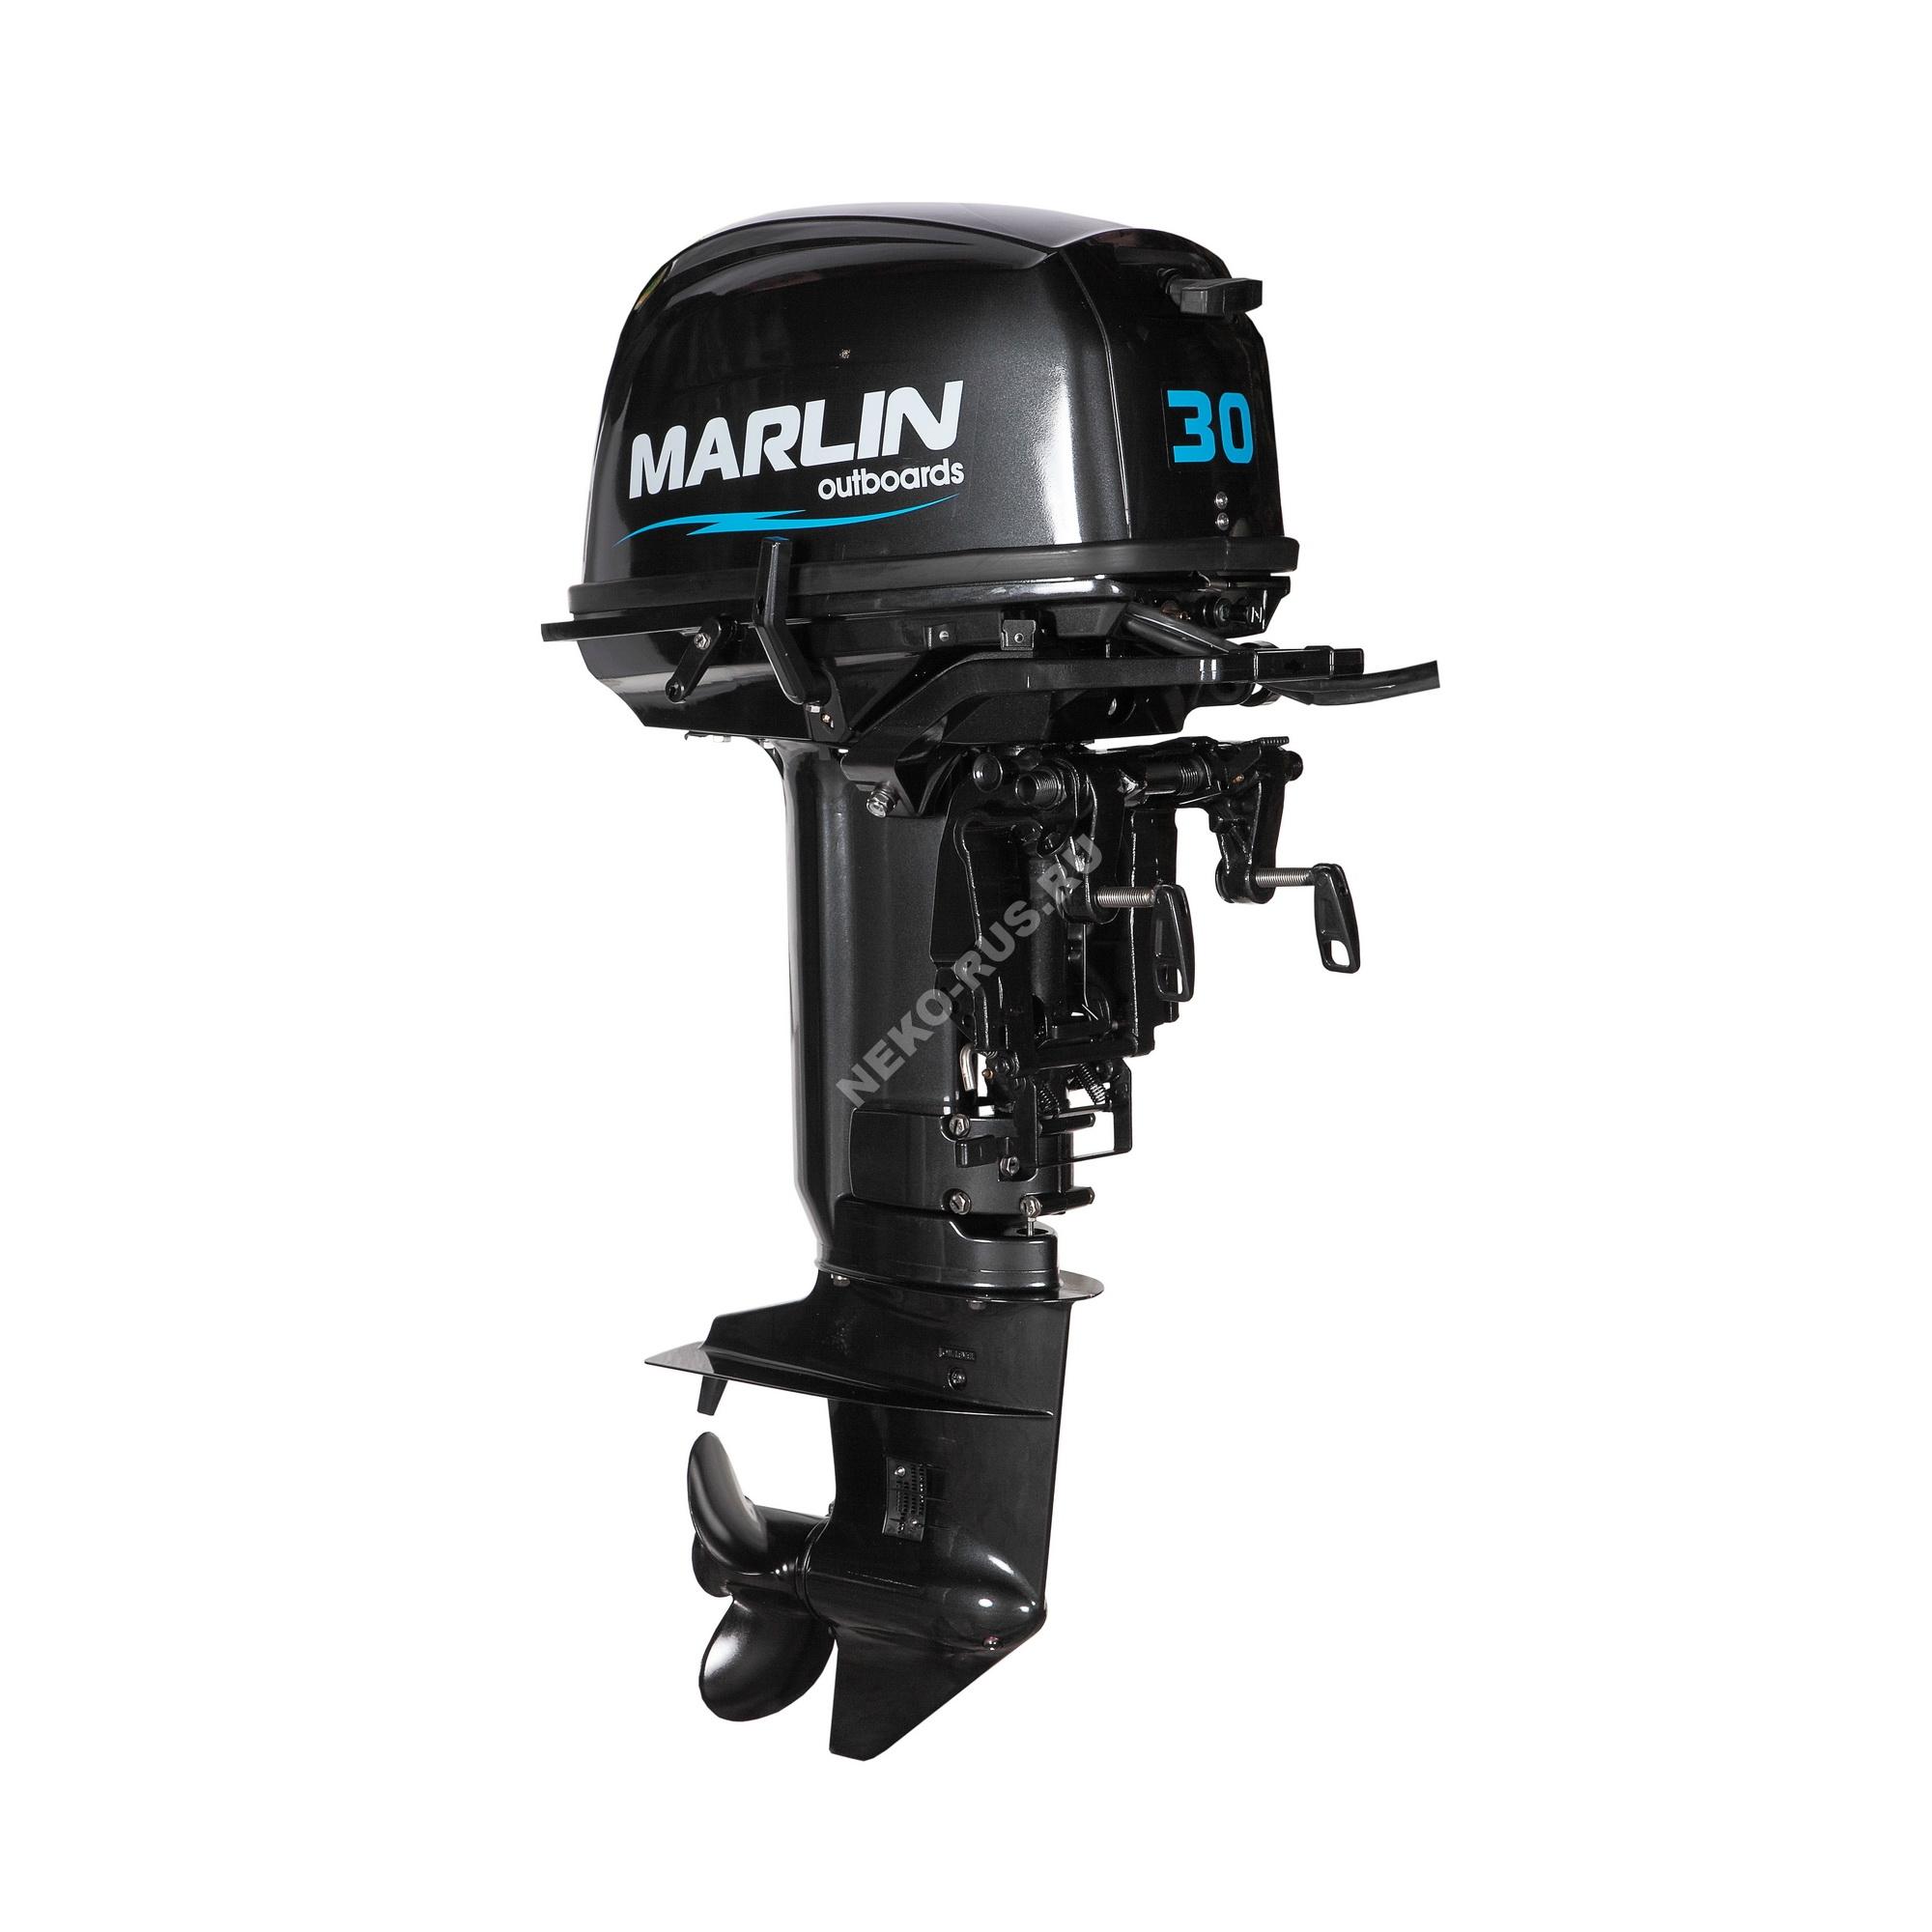 лодочный мотор марлин в хабаровске